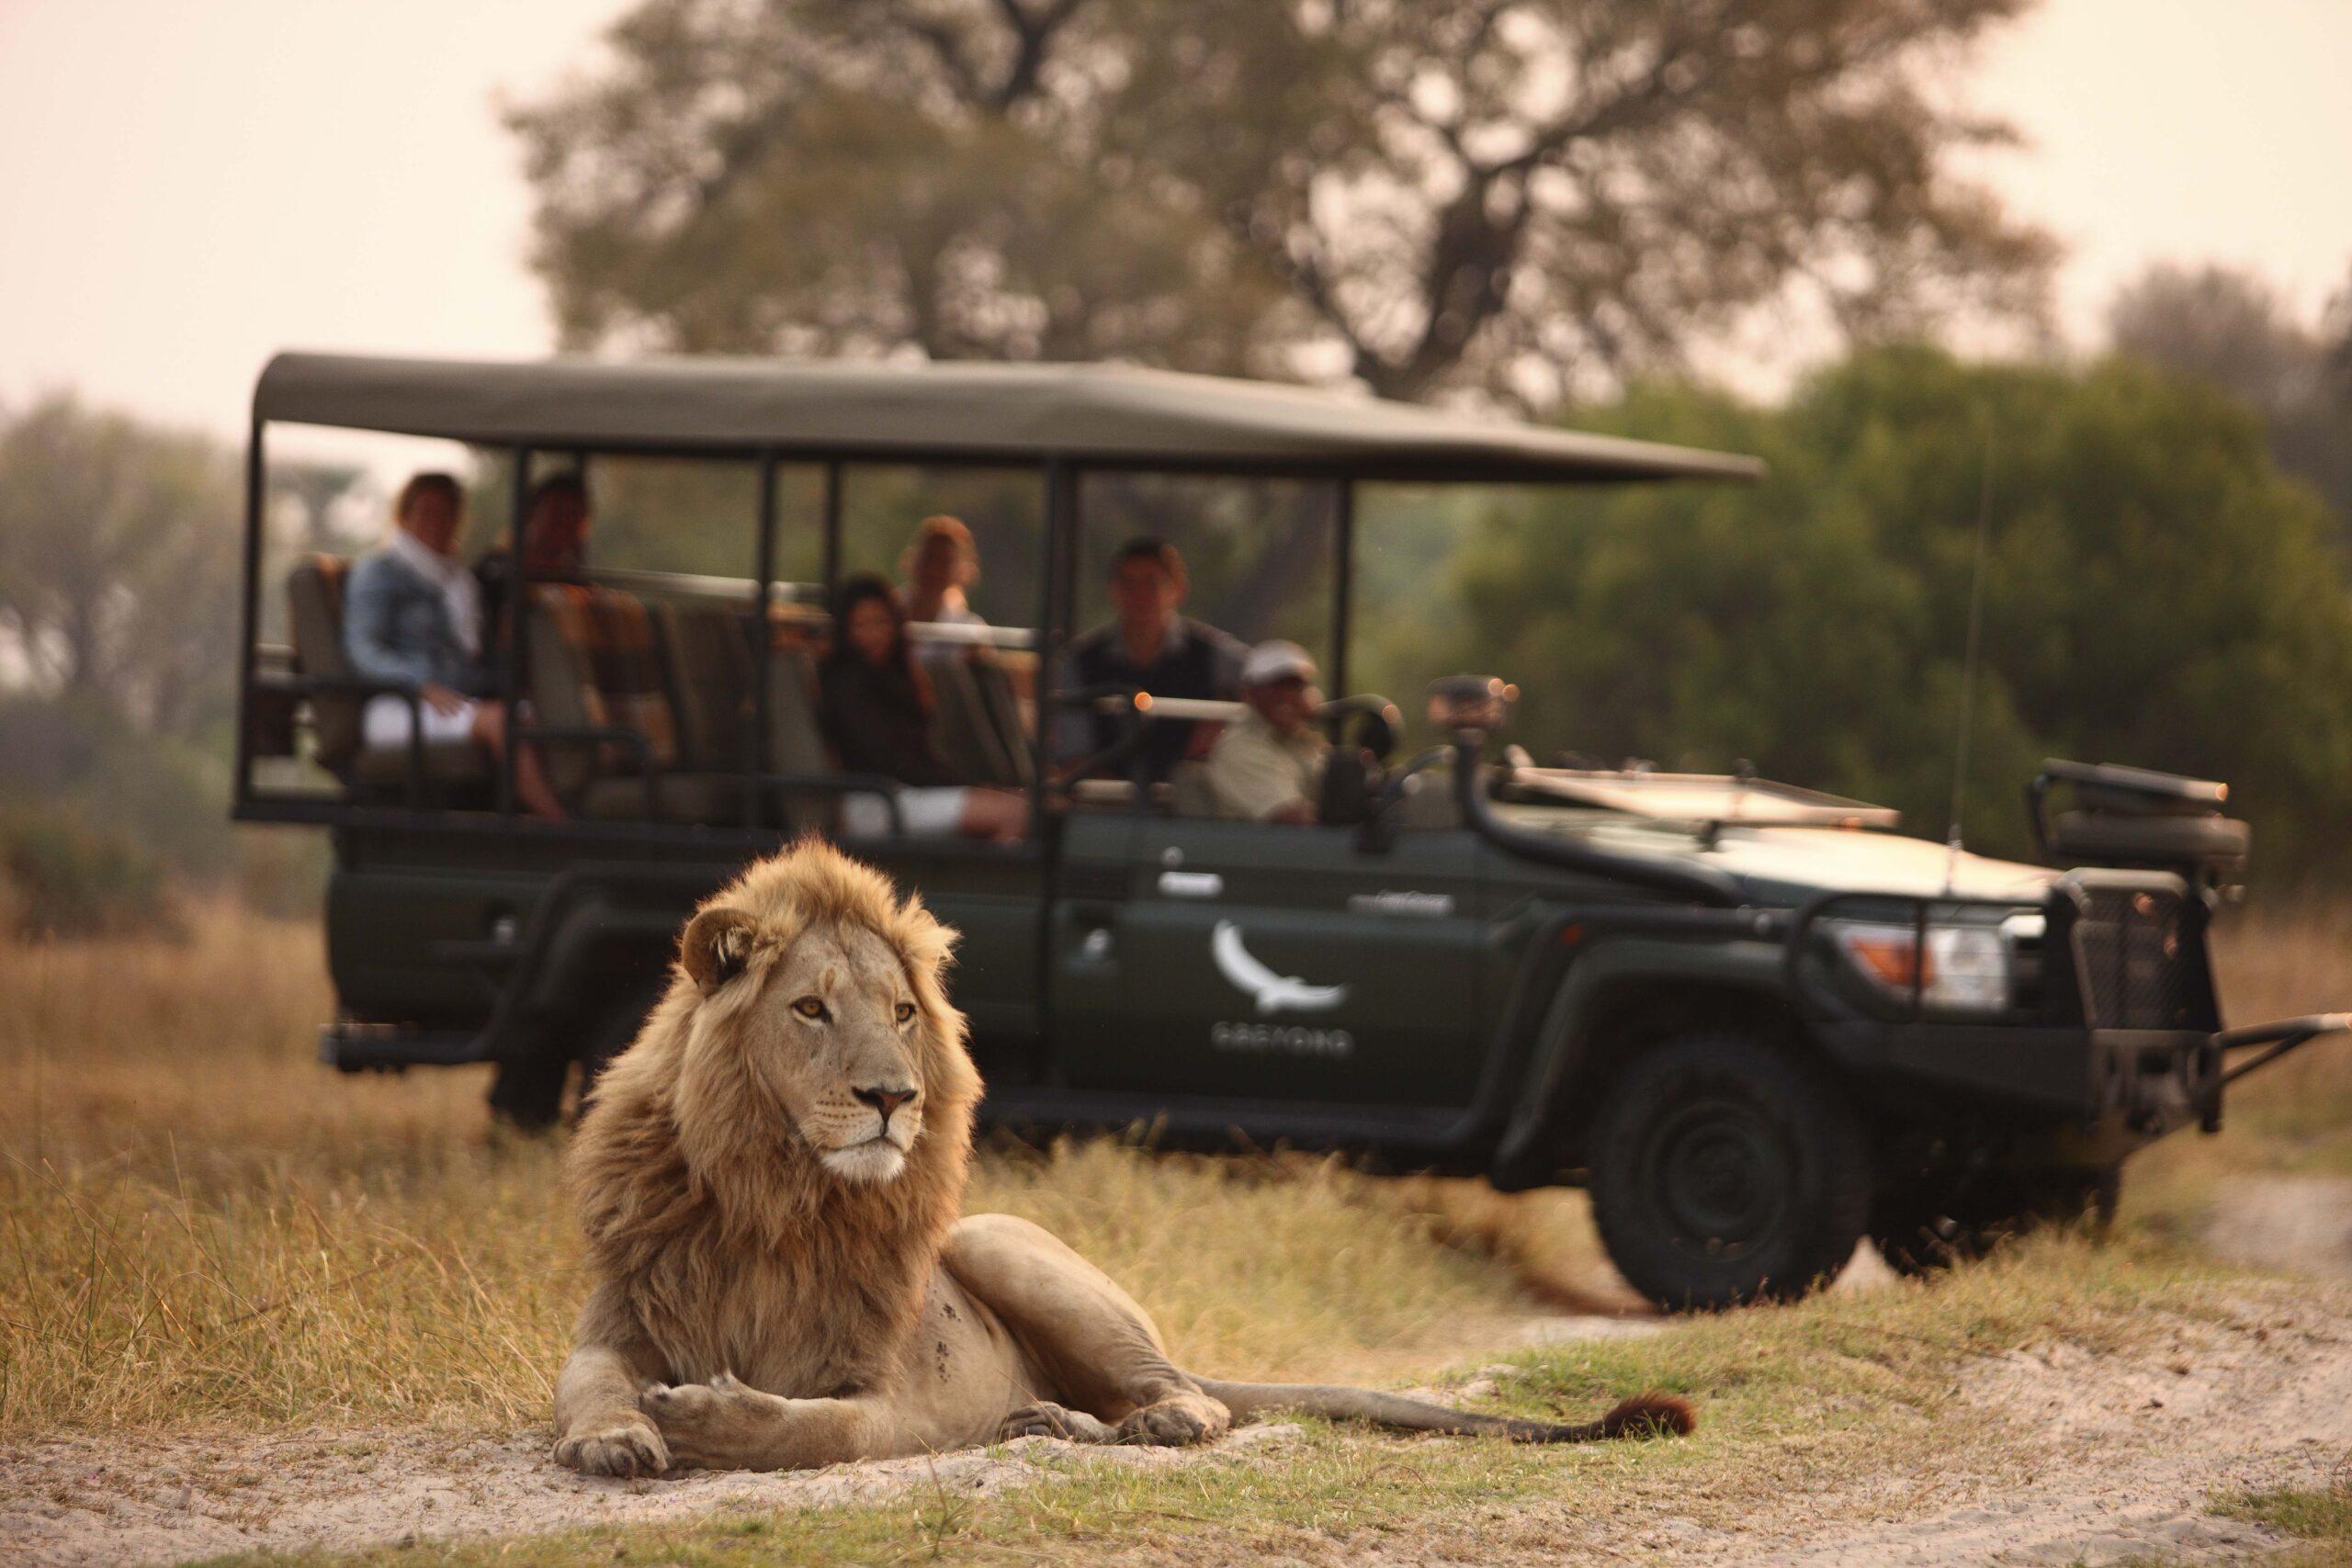 Lion-on-a-safari-game-drive-andBeyond-Sandibe-_2_